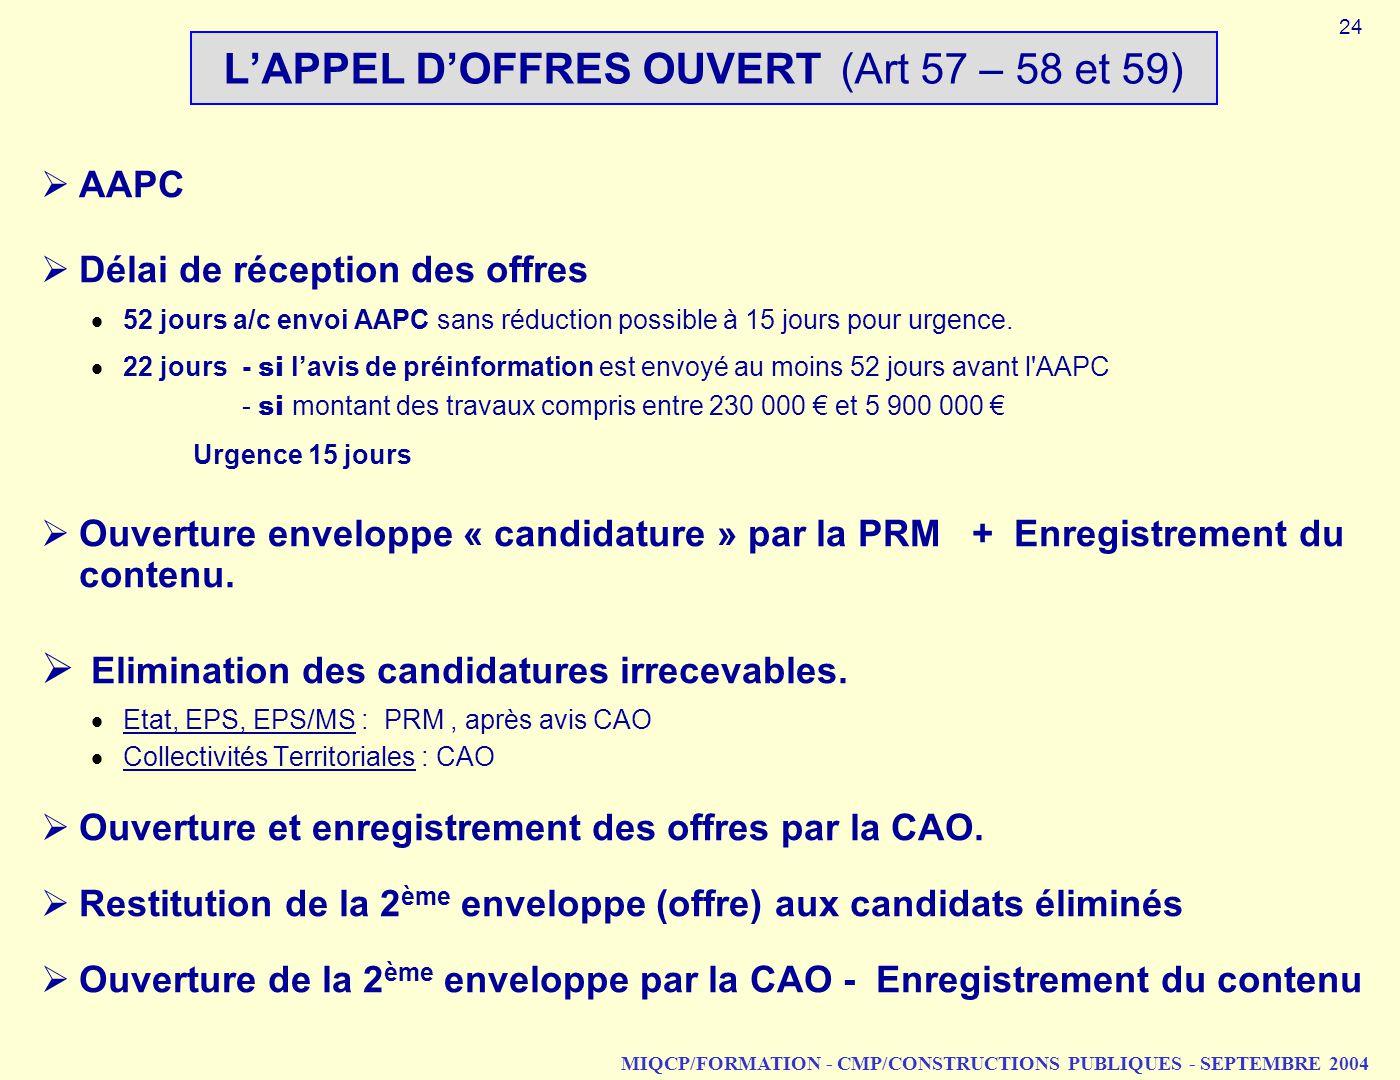 MIQCP/FORMATION - CMP/CONSTRUCTIONS PUBLIQUES - SEPTEMBRE 2004 LAPPEL DOFFRES OUVERT (Art 57 – 58 et 59) AAPC Délai de réception des offres 52 jours a